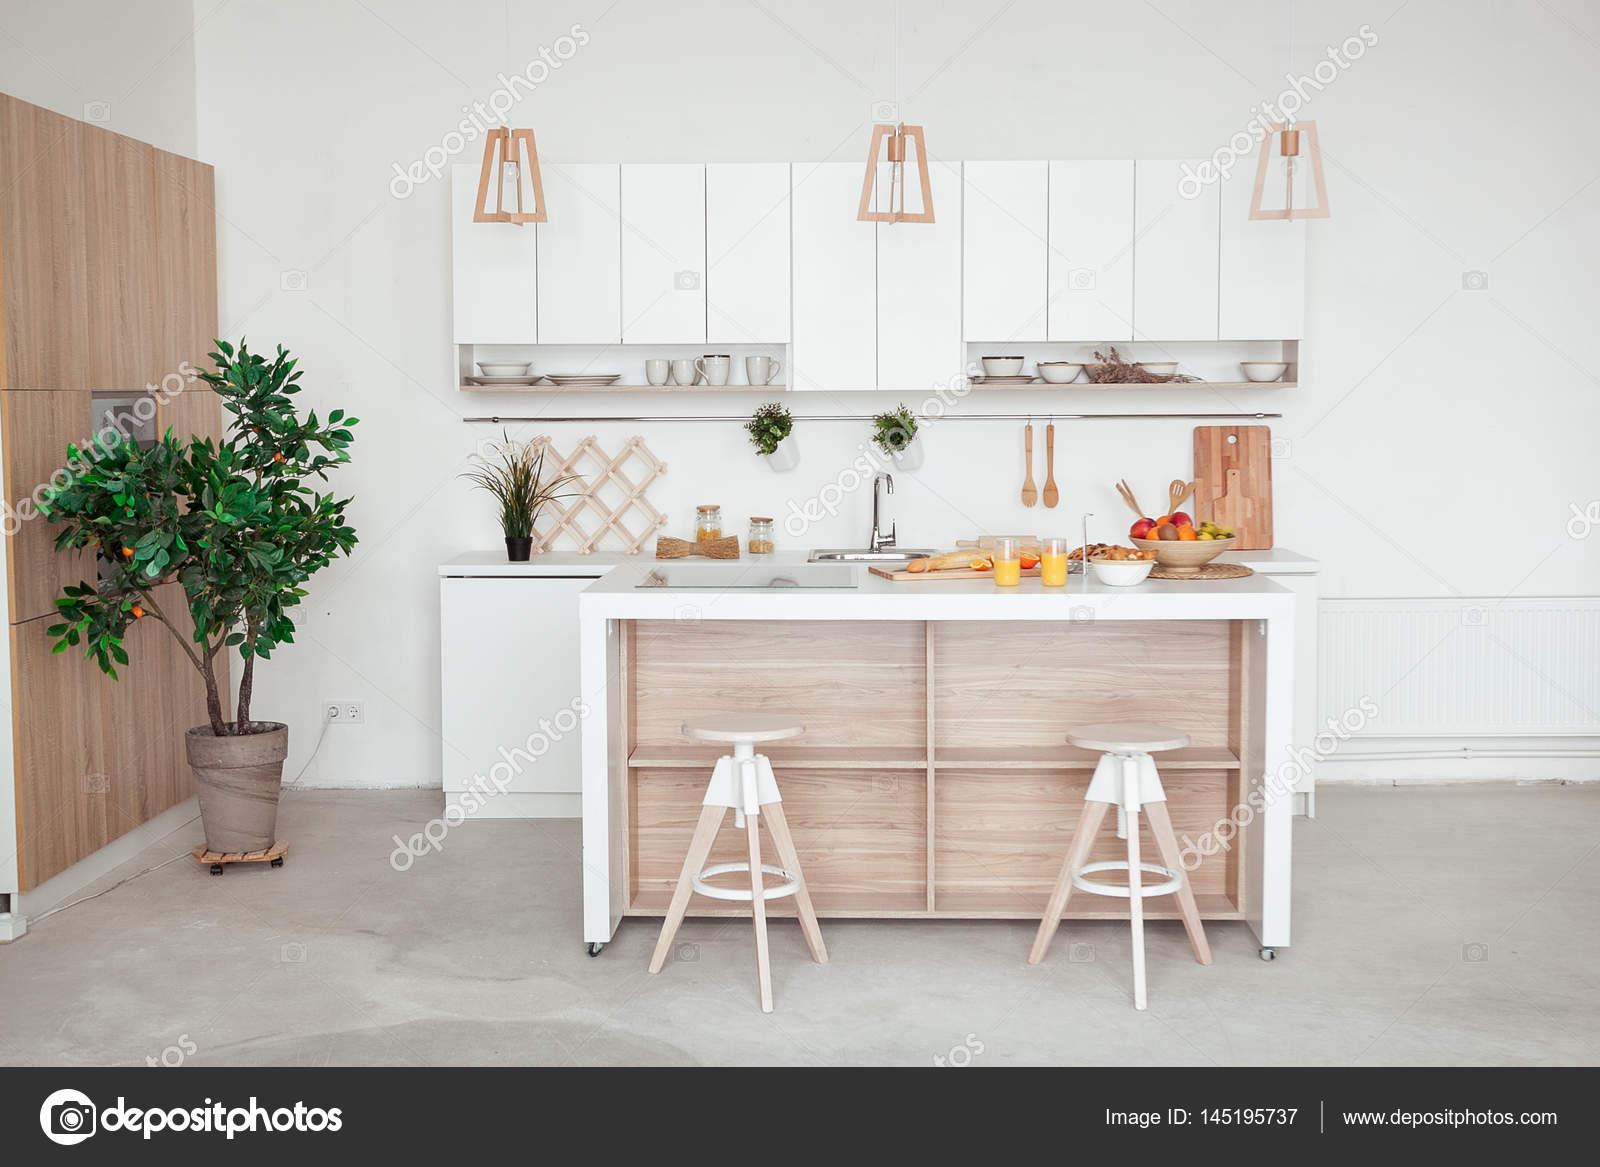 Kleine Witte Keuken : Interieur van kleine witte keuken met vers fruit twee glazen van